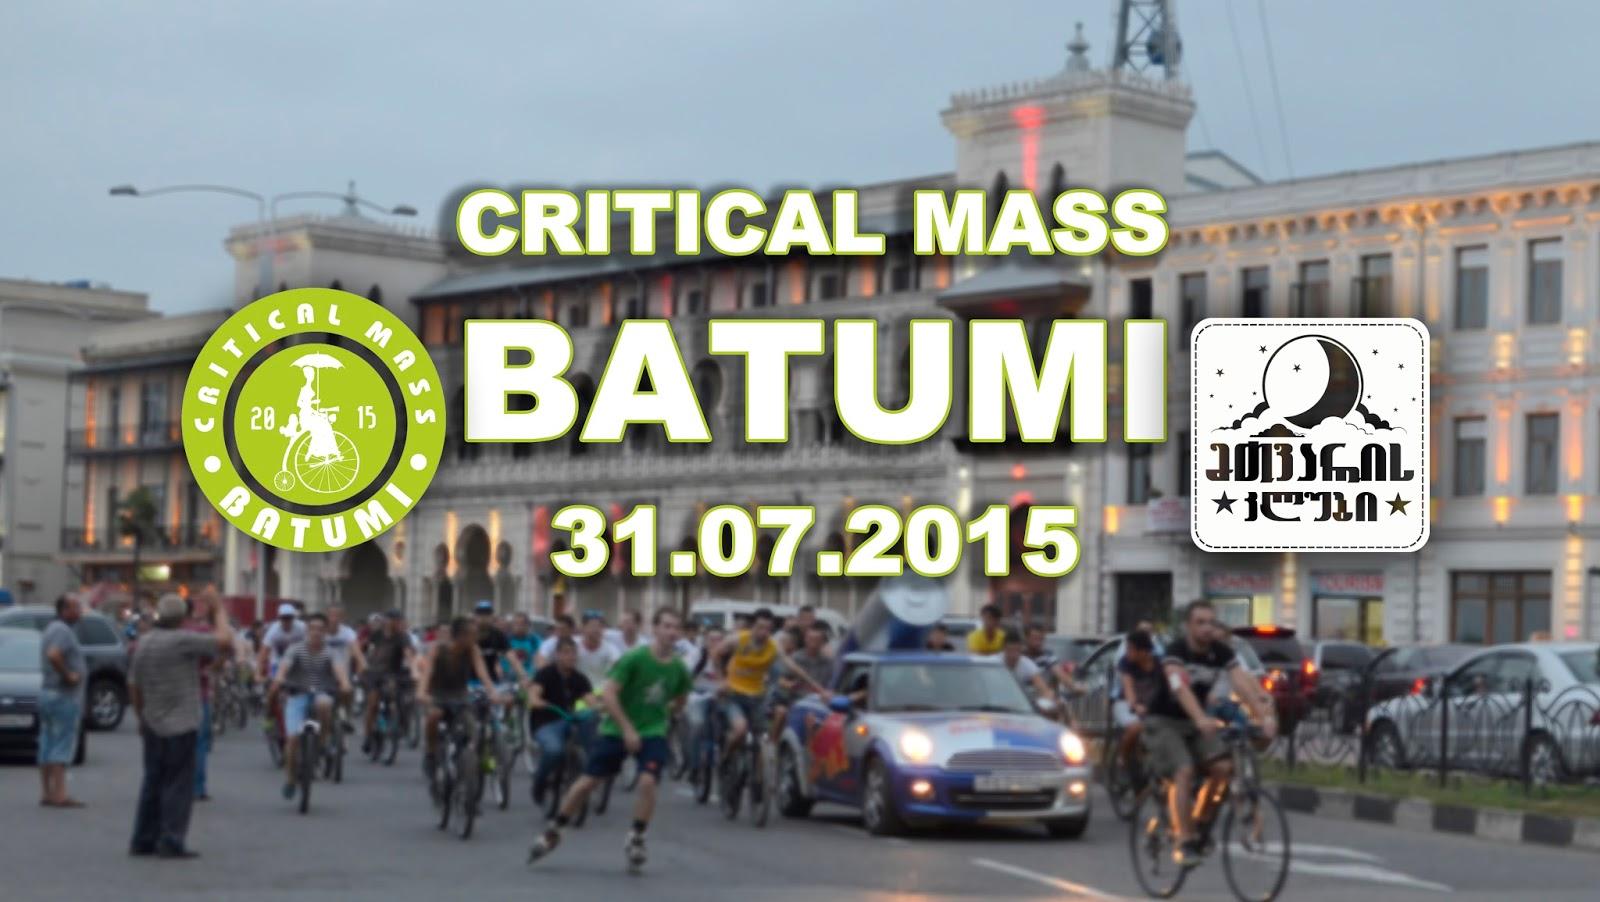 Critical Mass Batumi 31.07.15